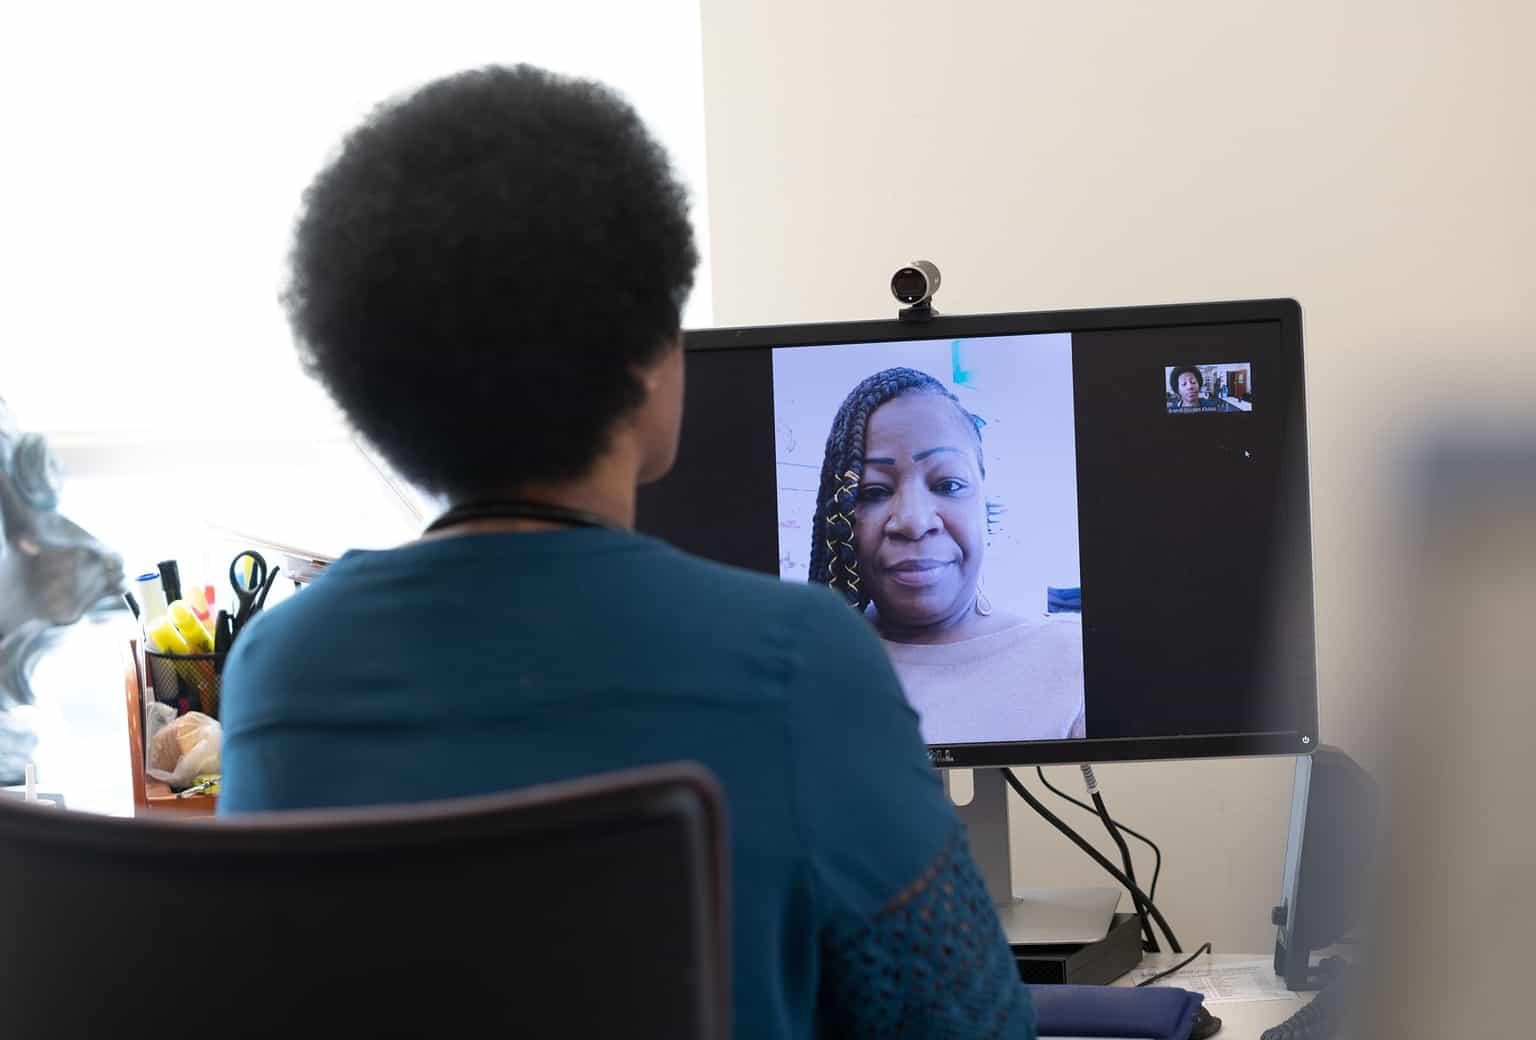 video visit doc patient computer